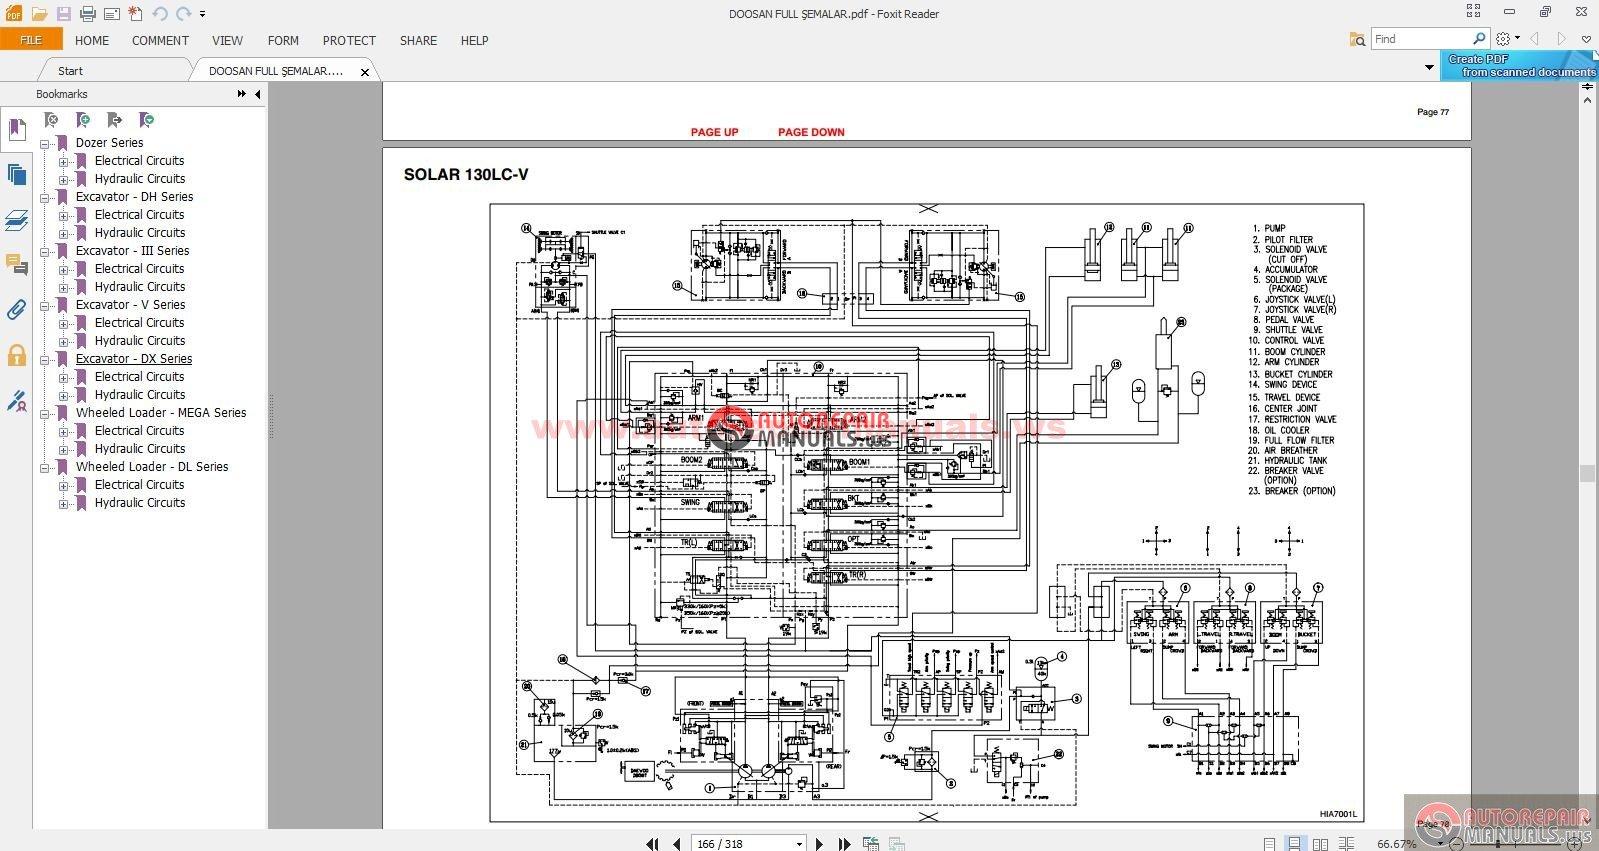 komatsu forklift wiring diagrams wiring diagram review mitsubishi fg25 wiring diagram [ 1599 x 851 Pixel ]